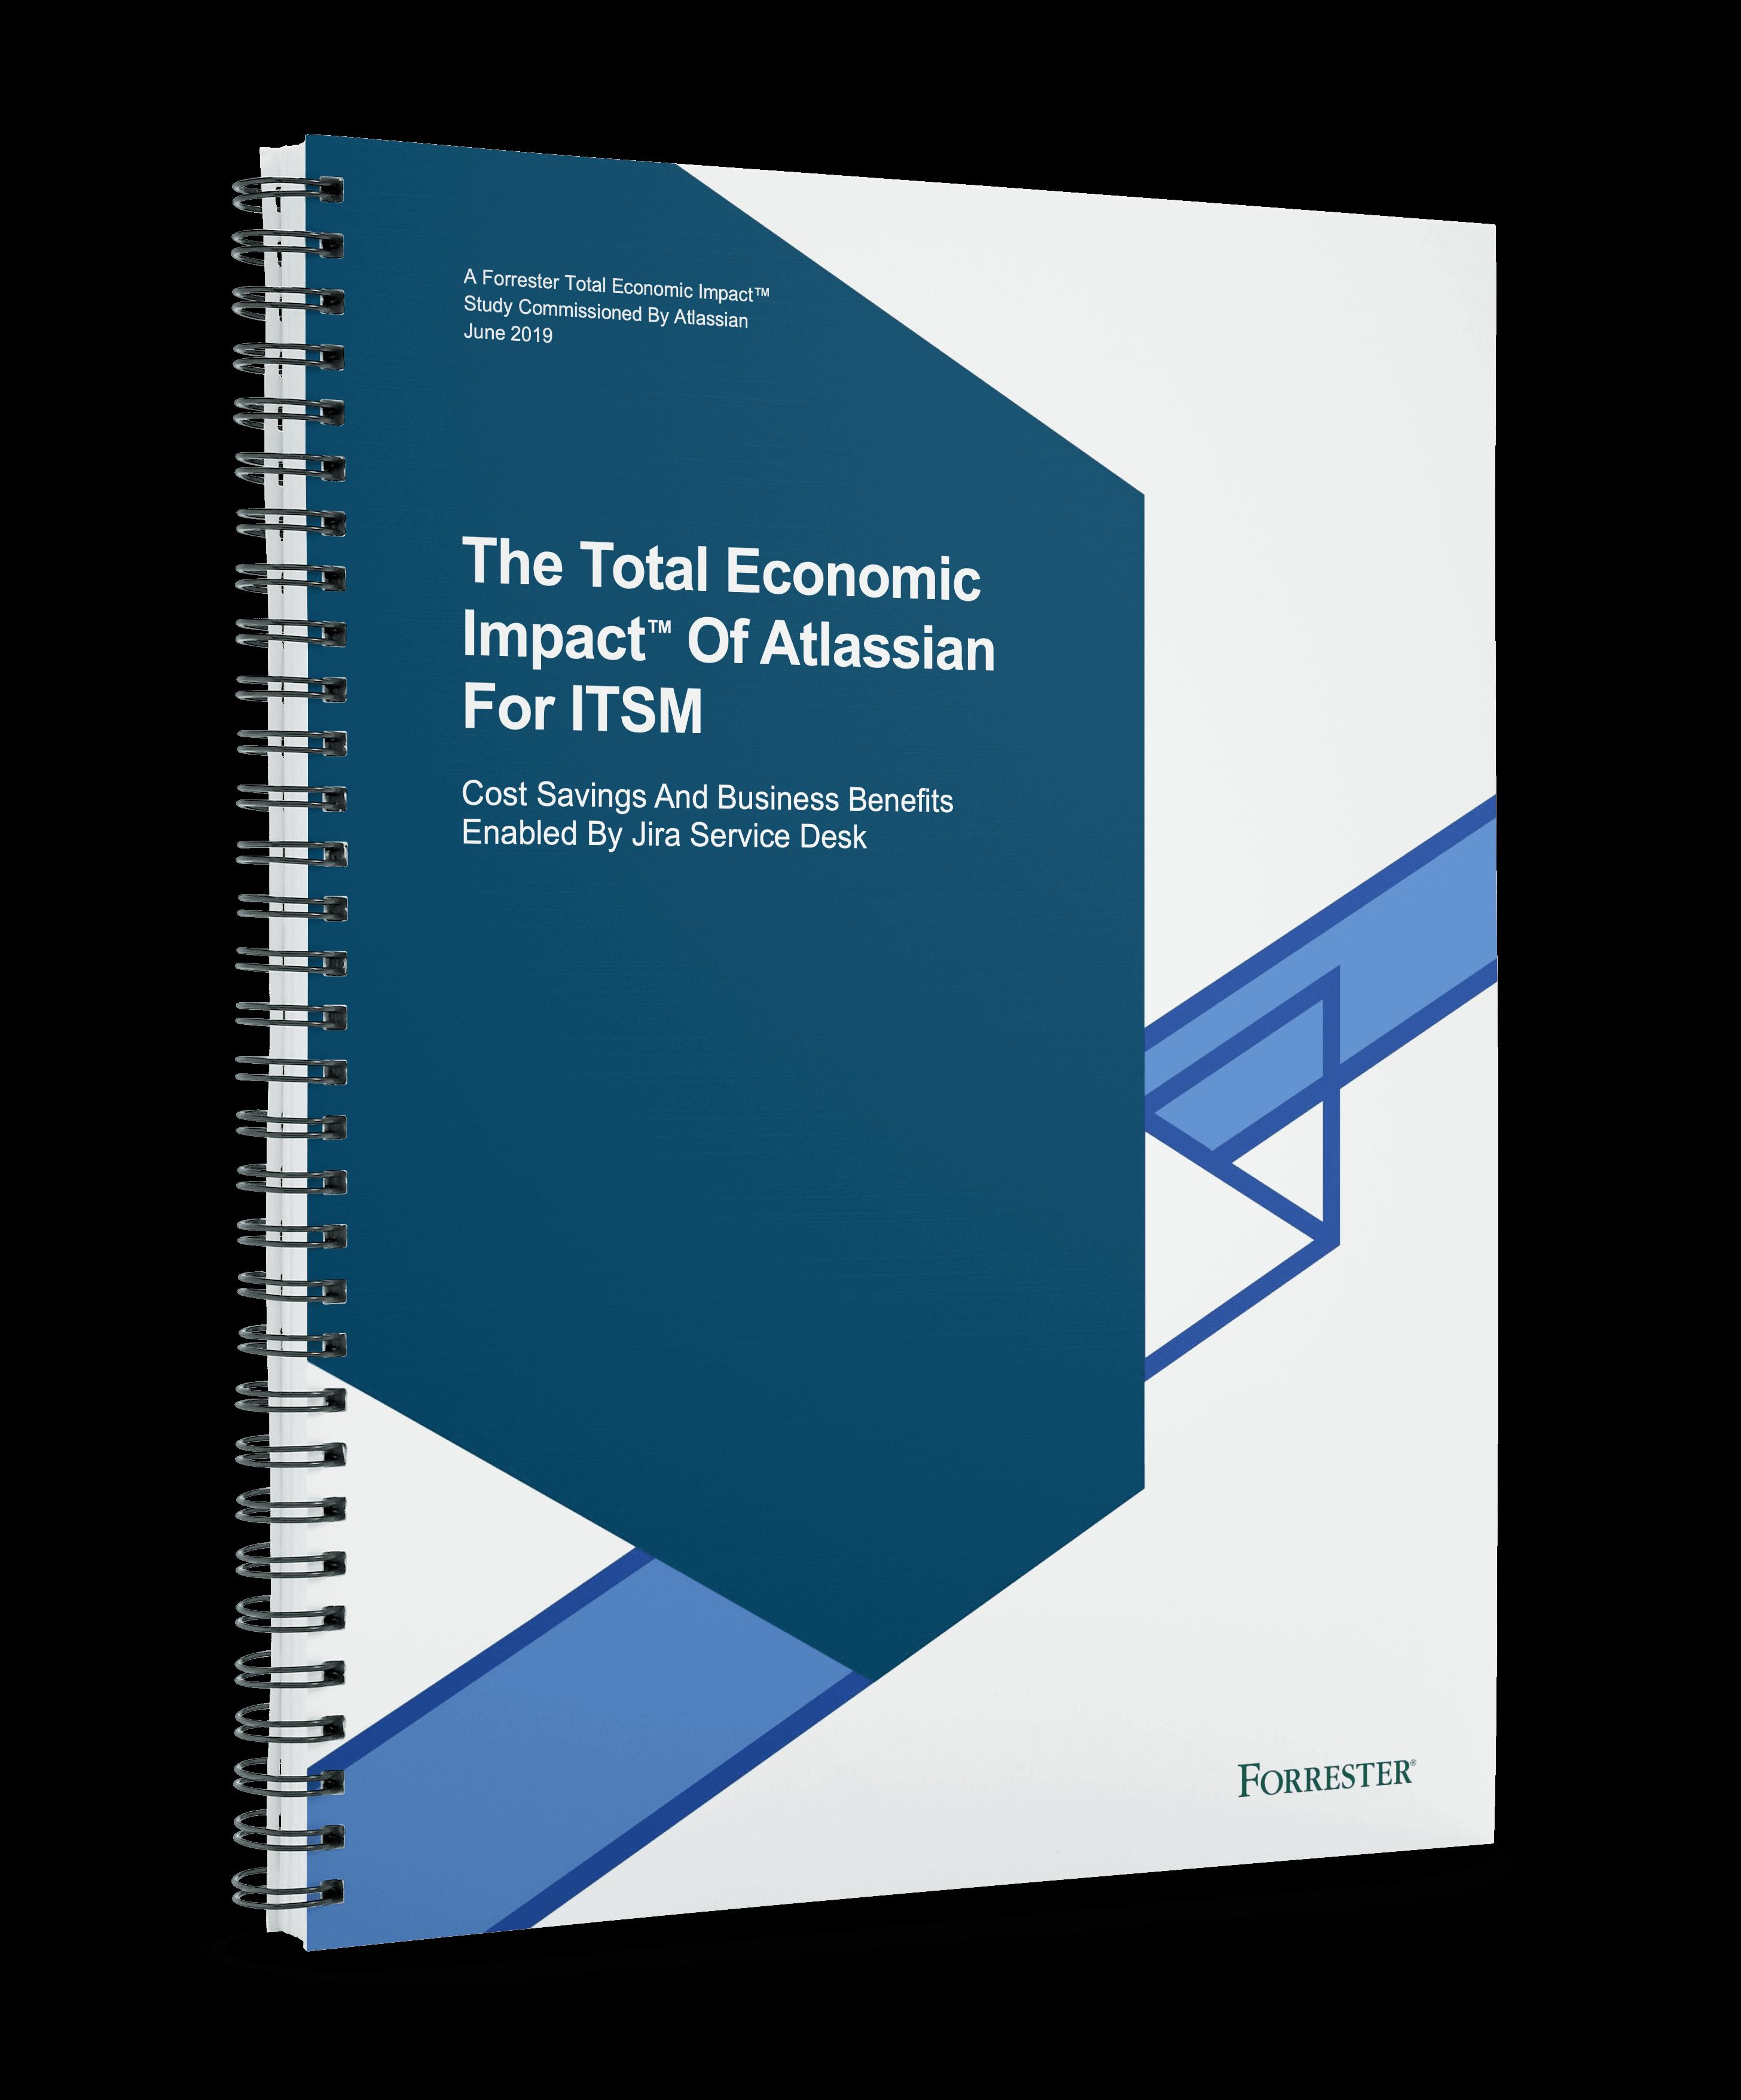 Total Economic Impact™ calculado pela Forrester sobre o ITSM da Atlassian